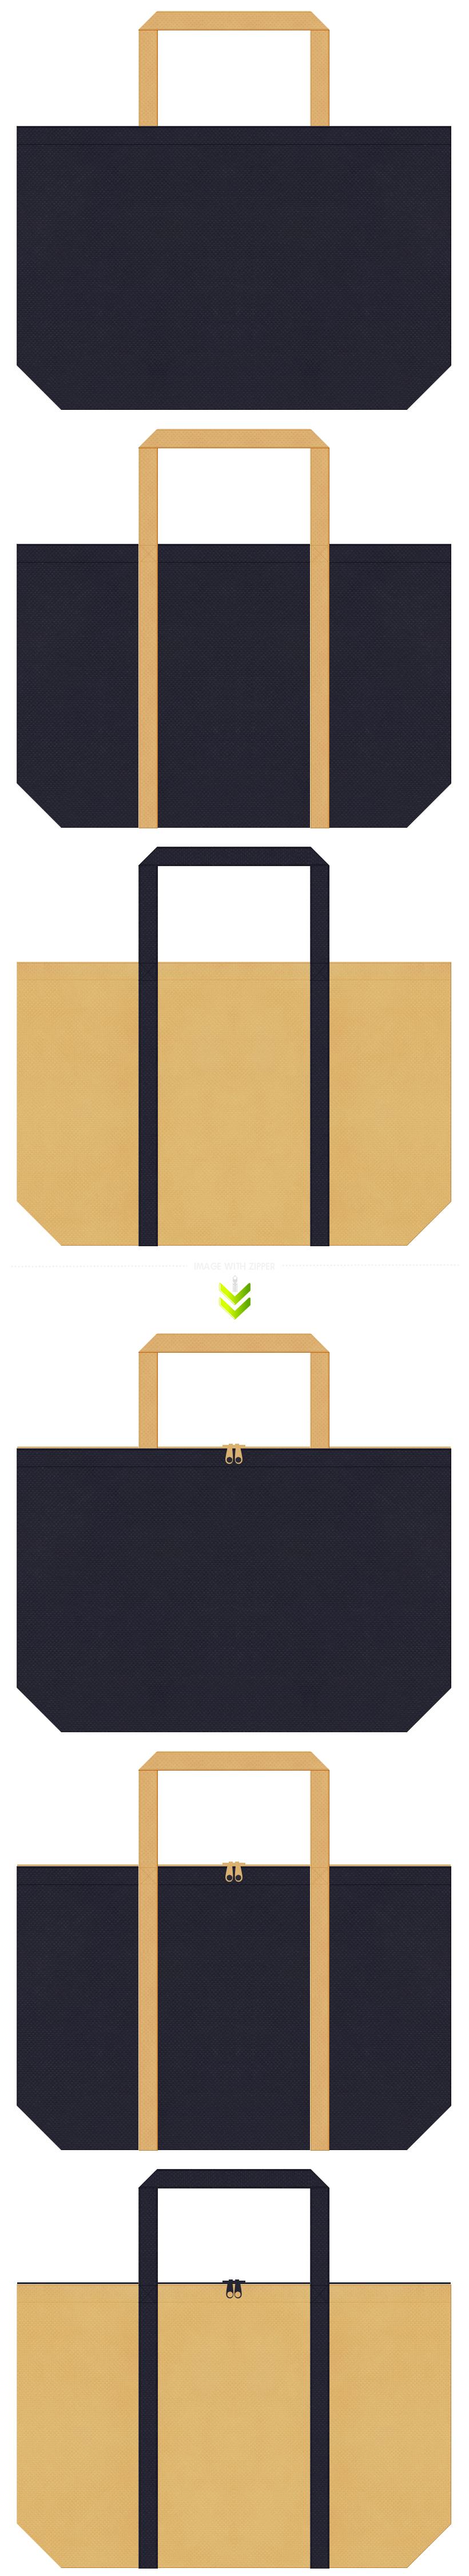 濃紺色と薄黄土色の不織布エコバッグのデザイン。カジュアルのショッピングバッグにお奨めです。